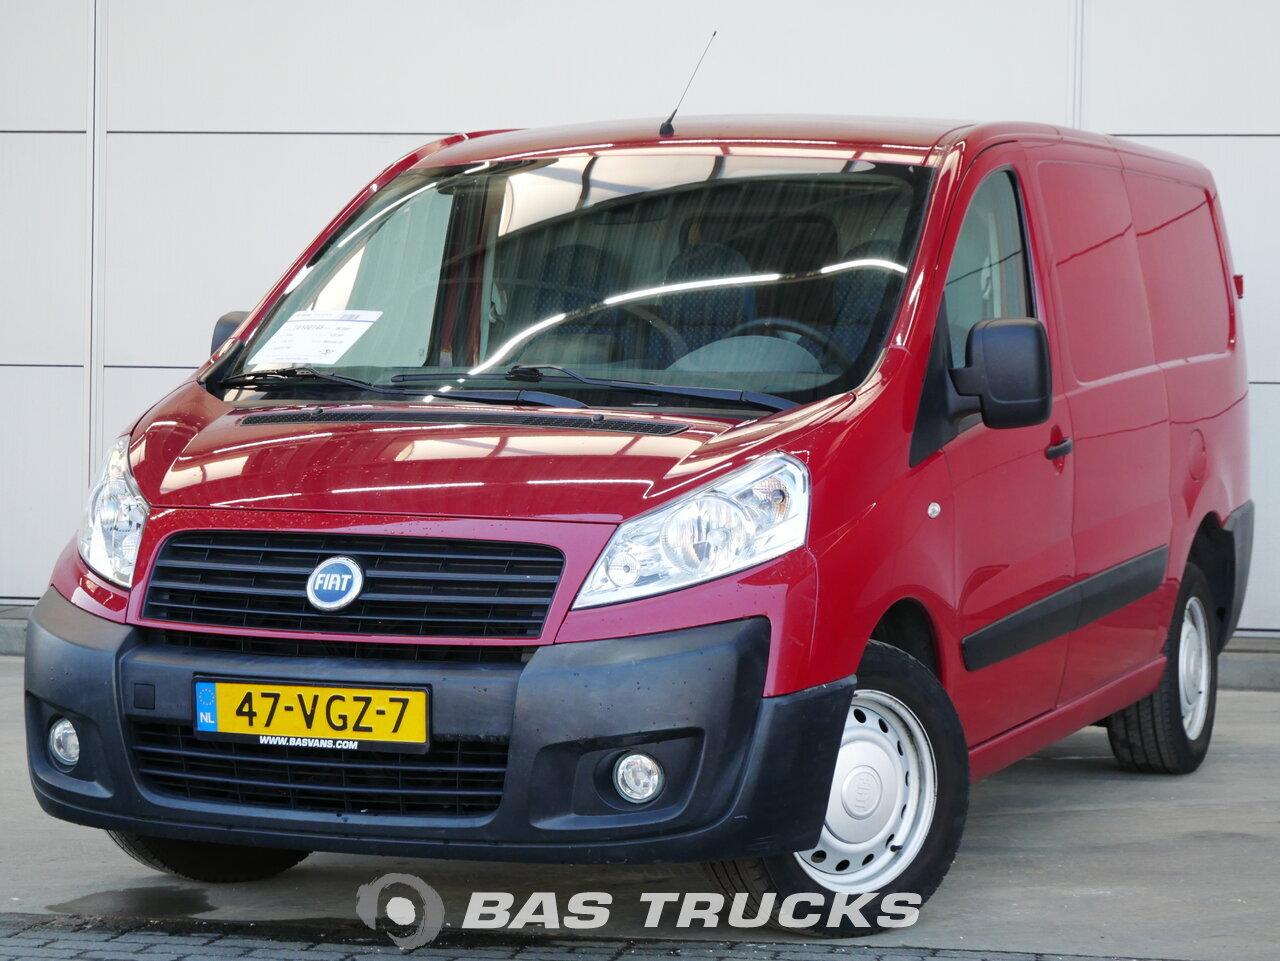 Góra Fiat Scudo Samochód dostawczy Euro 5 €3900 - BAS Trucks ER34